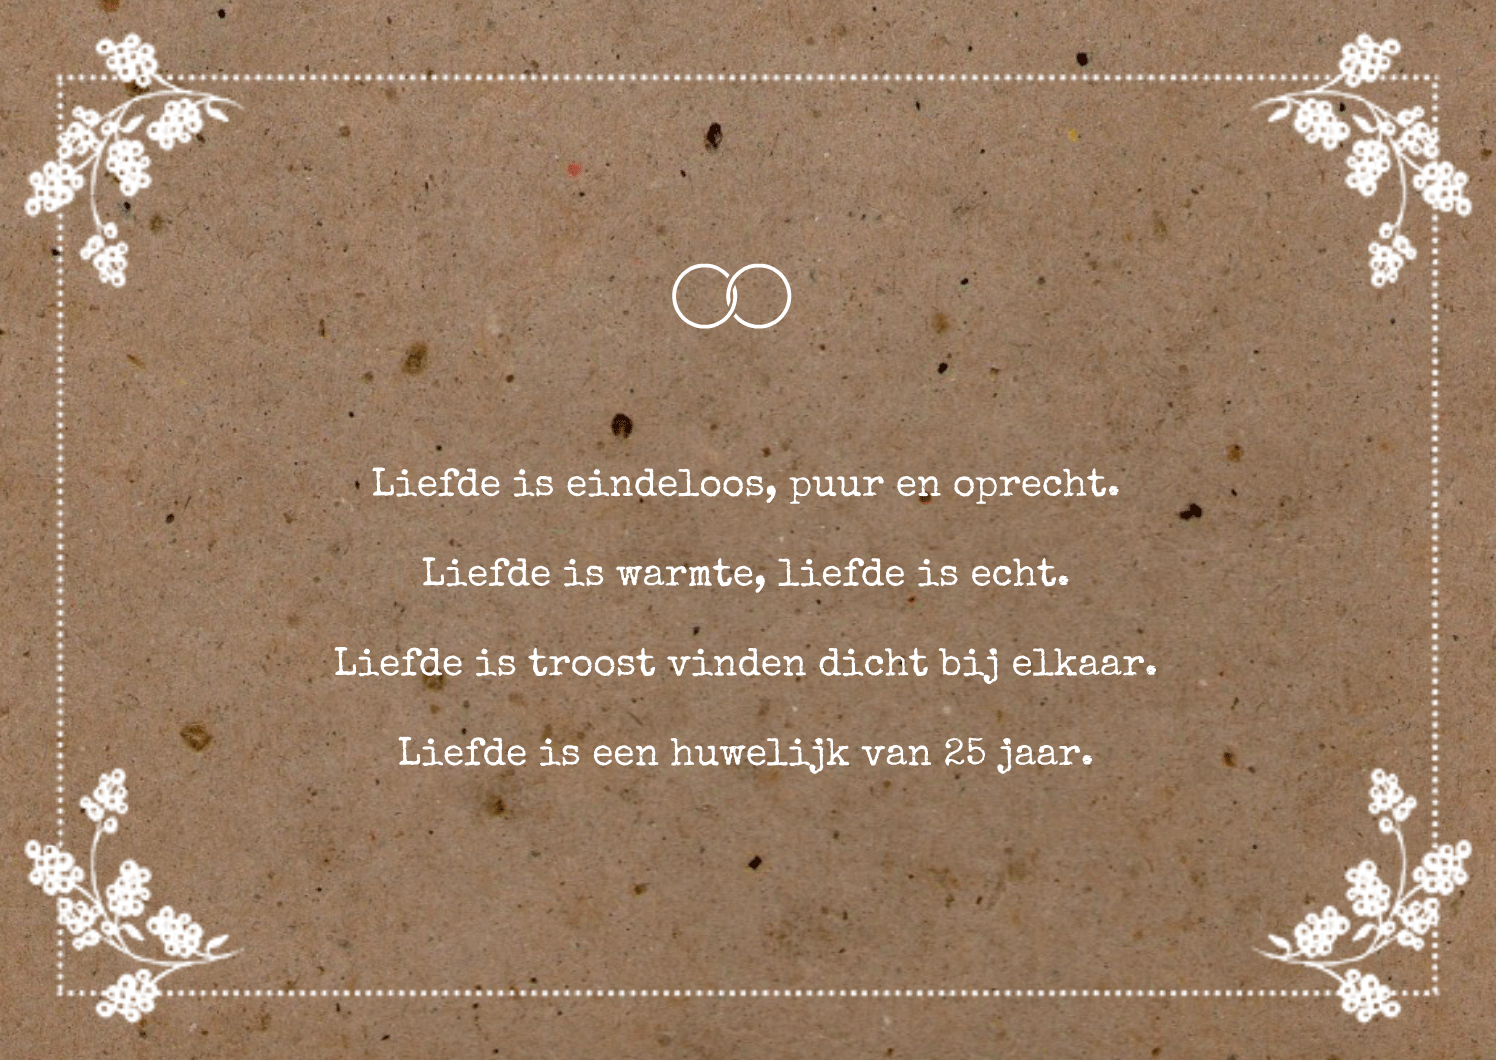 2 jarig huwelijk gedicht 25 Jaar Huwelijk Gedicht &NC93 – Aboriginaltourismontario 2 jarig huwelijk gedicht